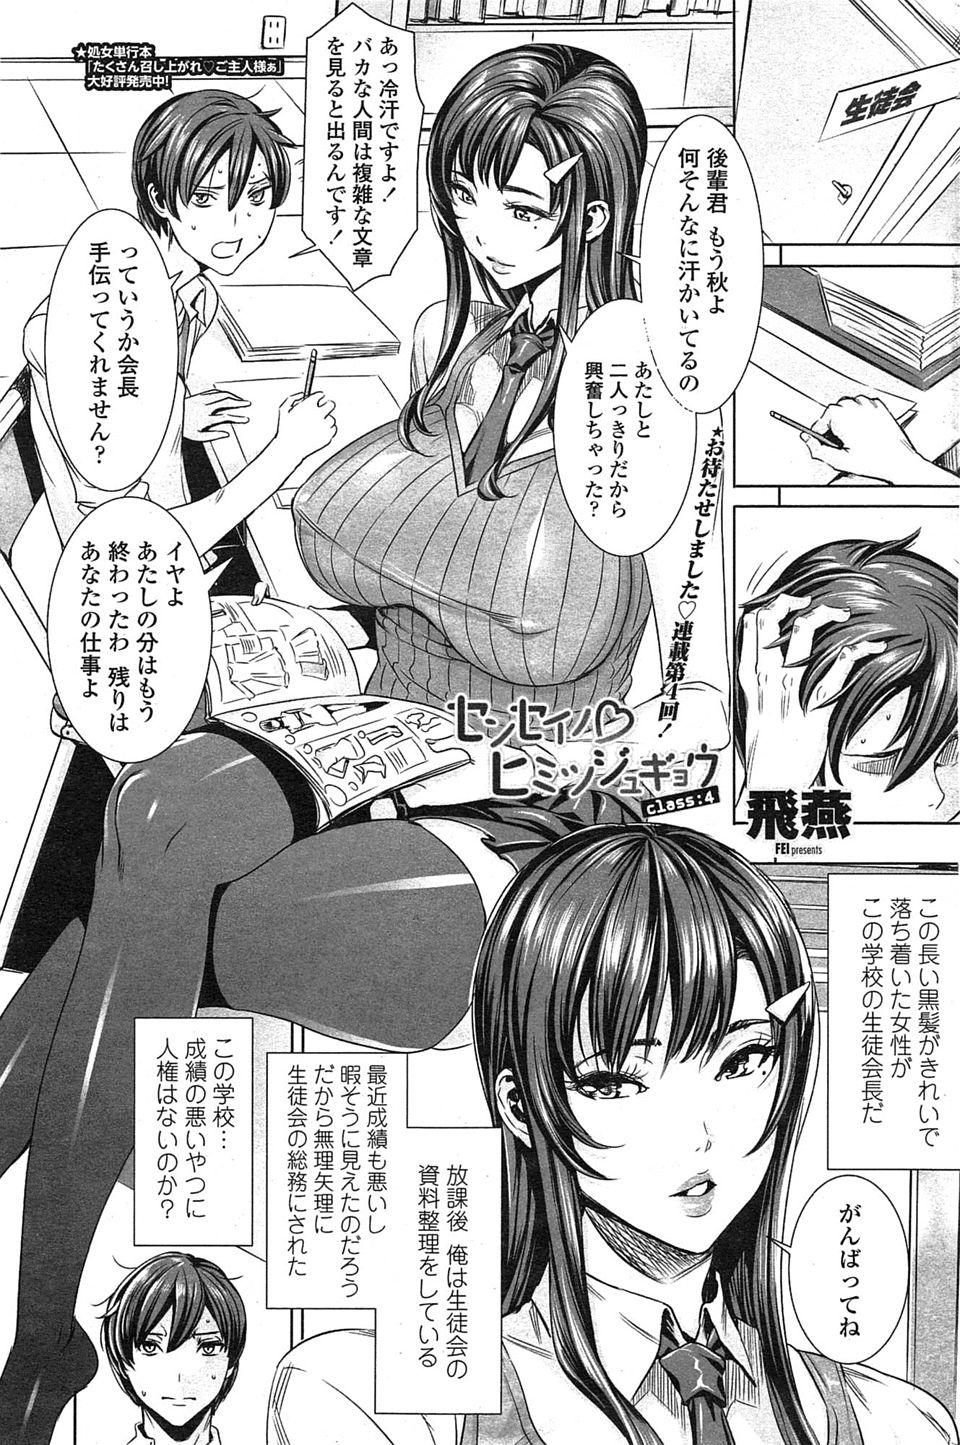 【エロ漫画・エロ同人】性衝動が抑えきれなくて巨乳生徒会長襲っちゃったwww